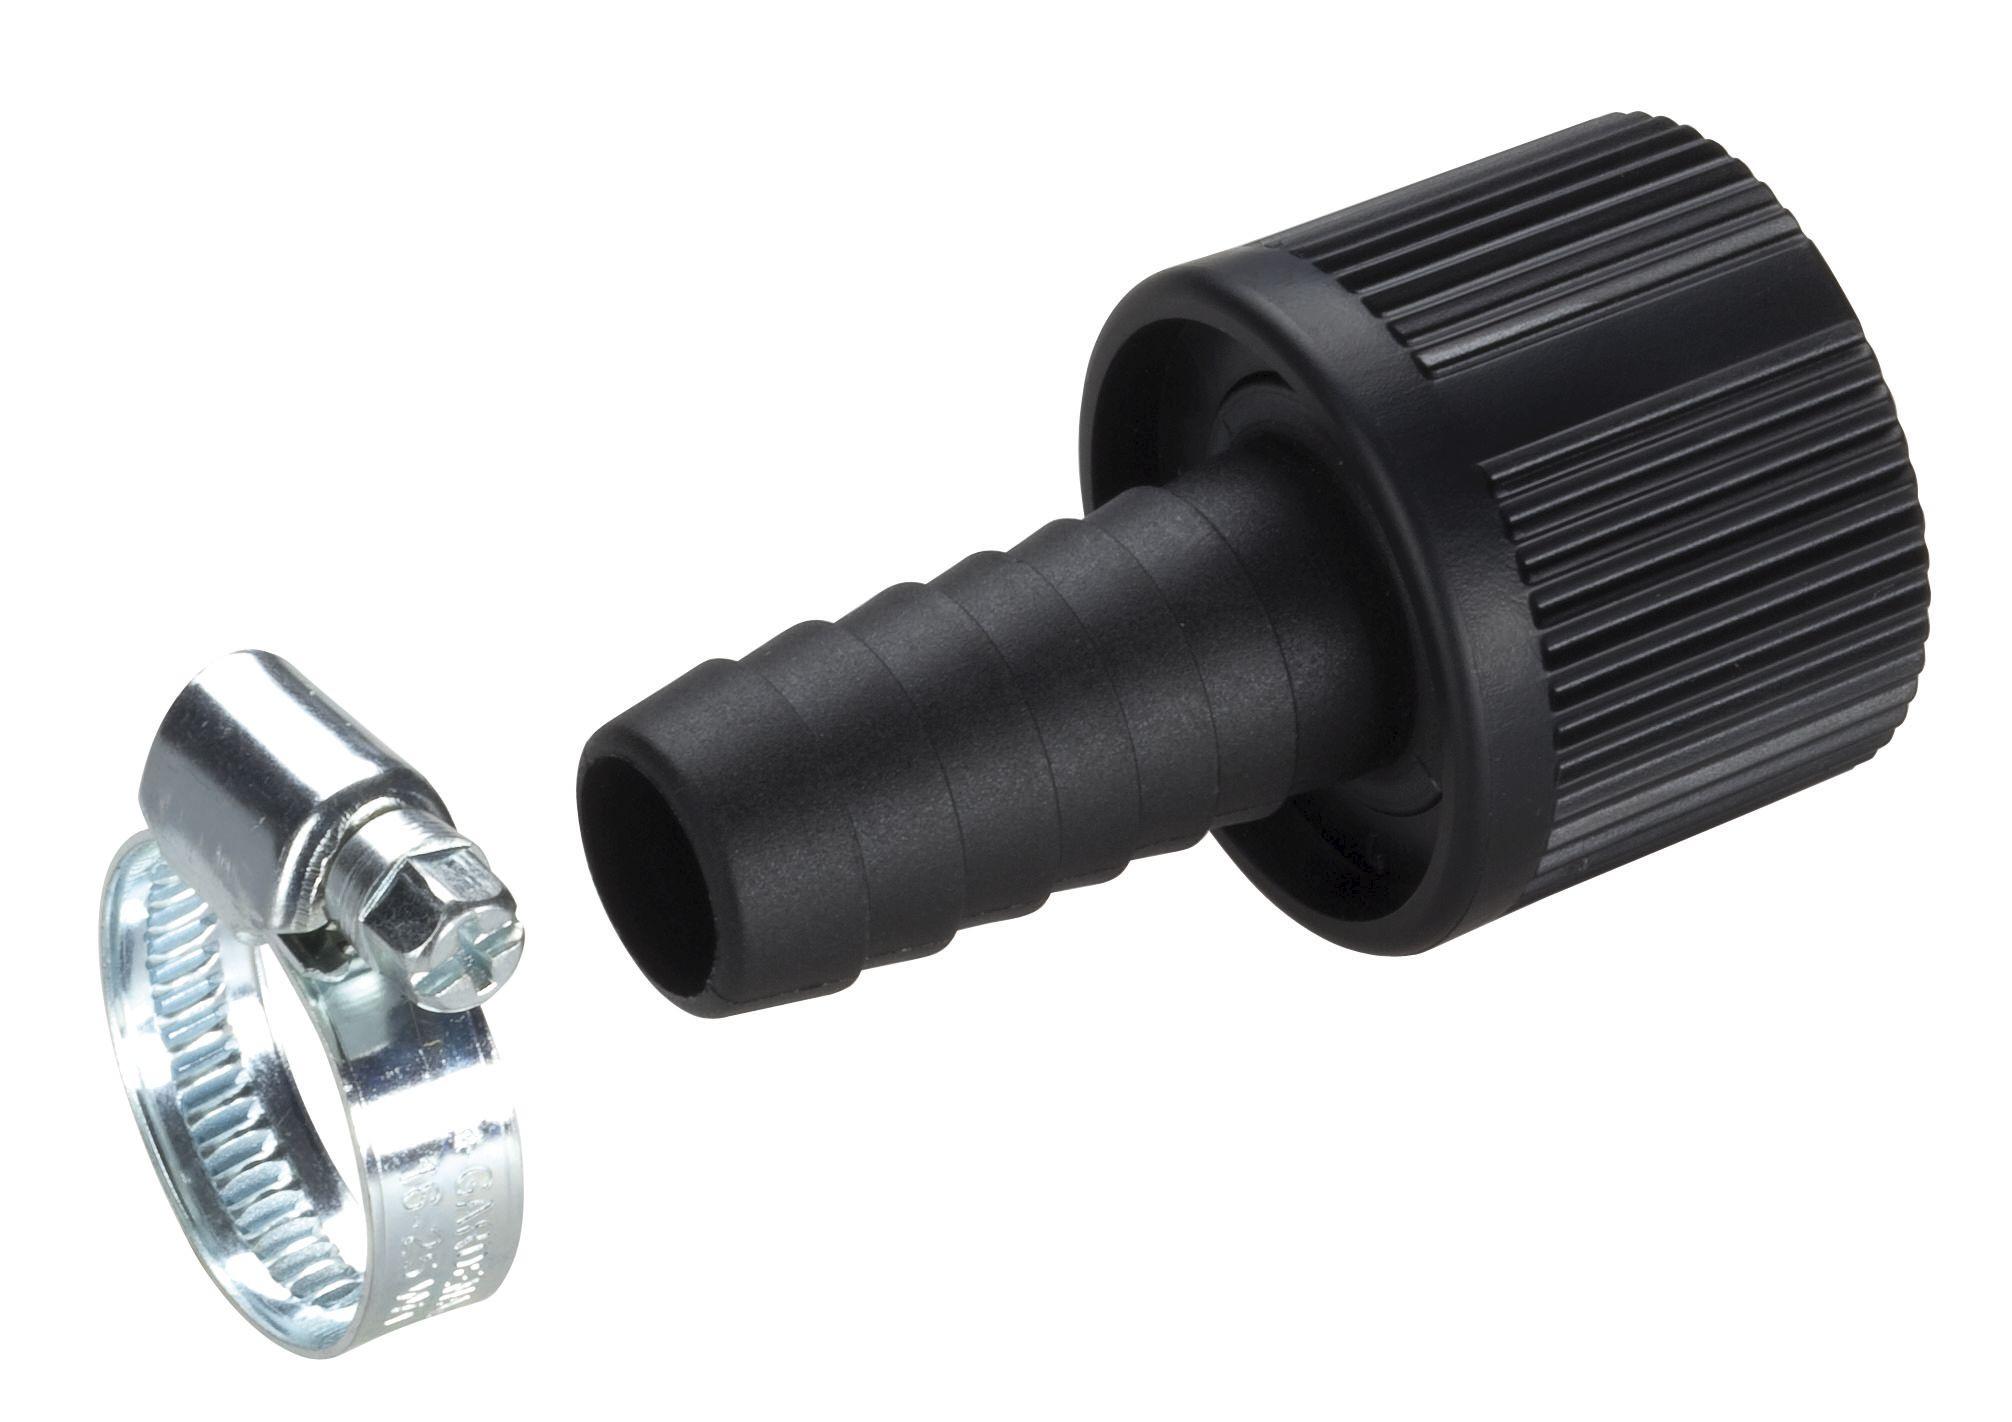 Aanzuigslang-aansluitstuk van diam. 19 mm (3/4)